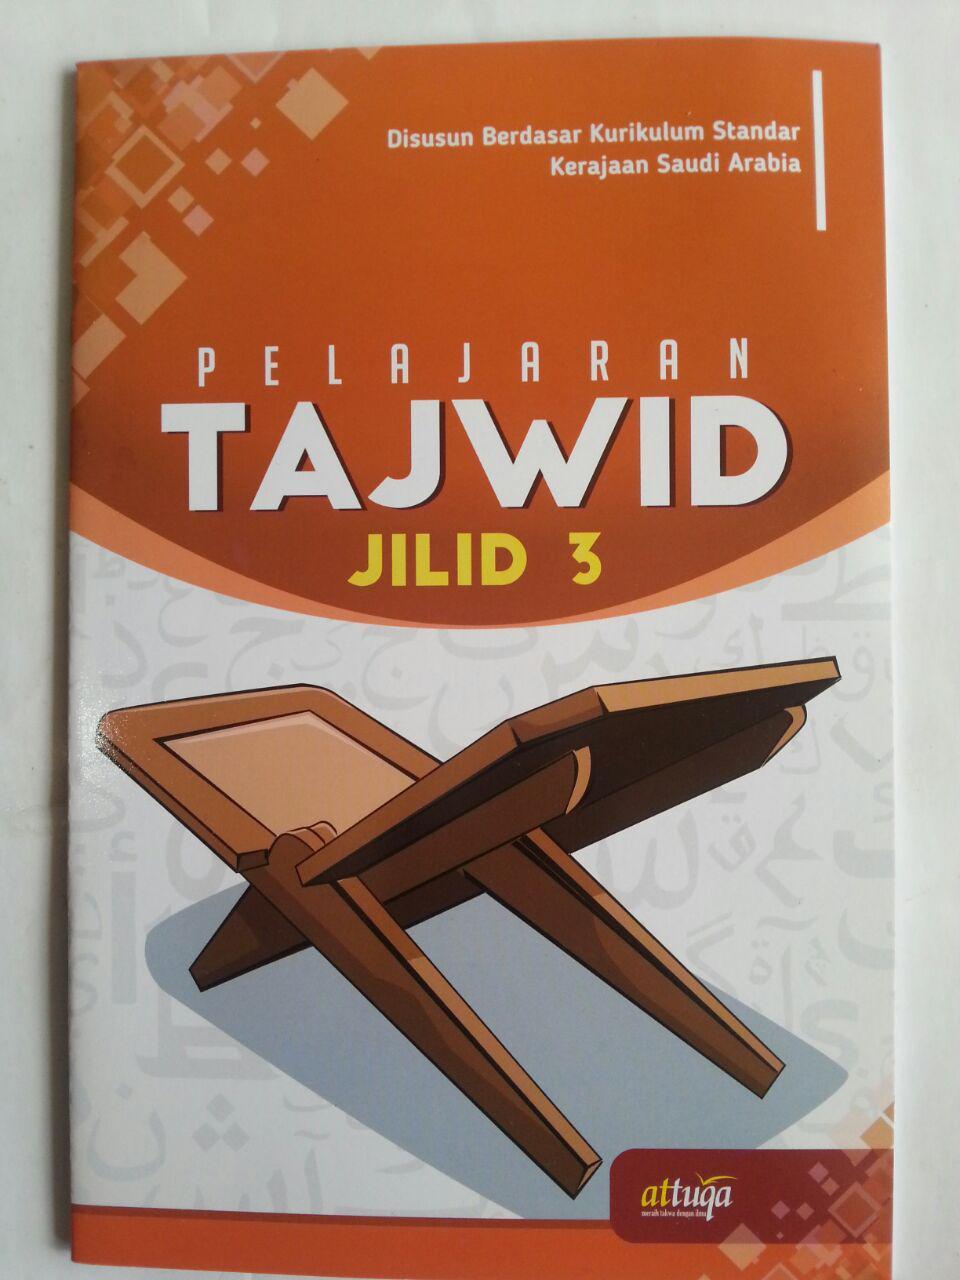 Buku Pelajaran Tajwid Berdasar Kurikulum Saudi Arabia Jilid 3 cover 2